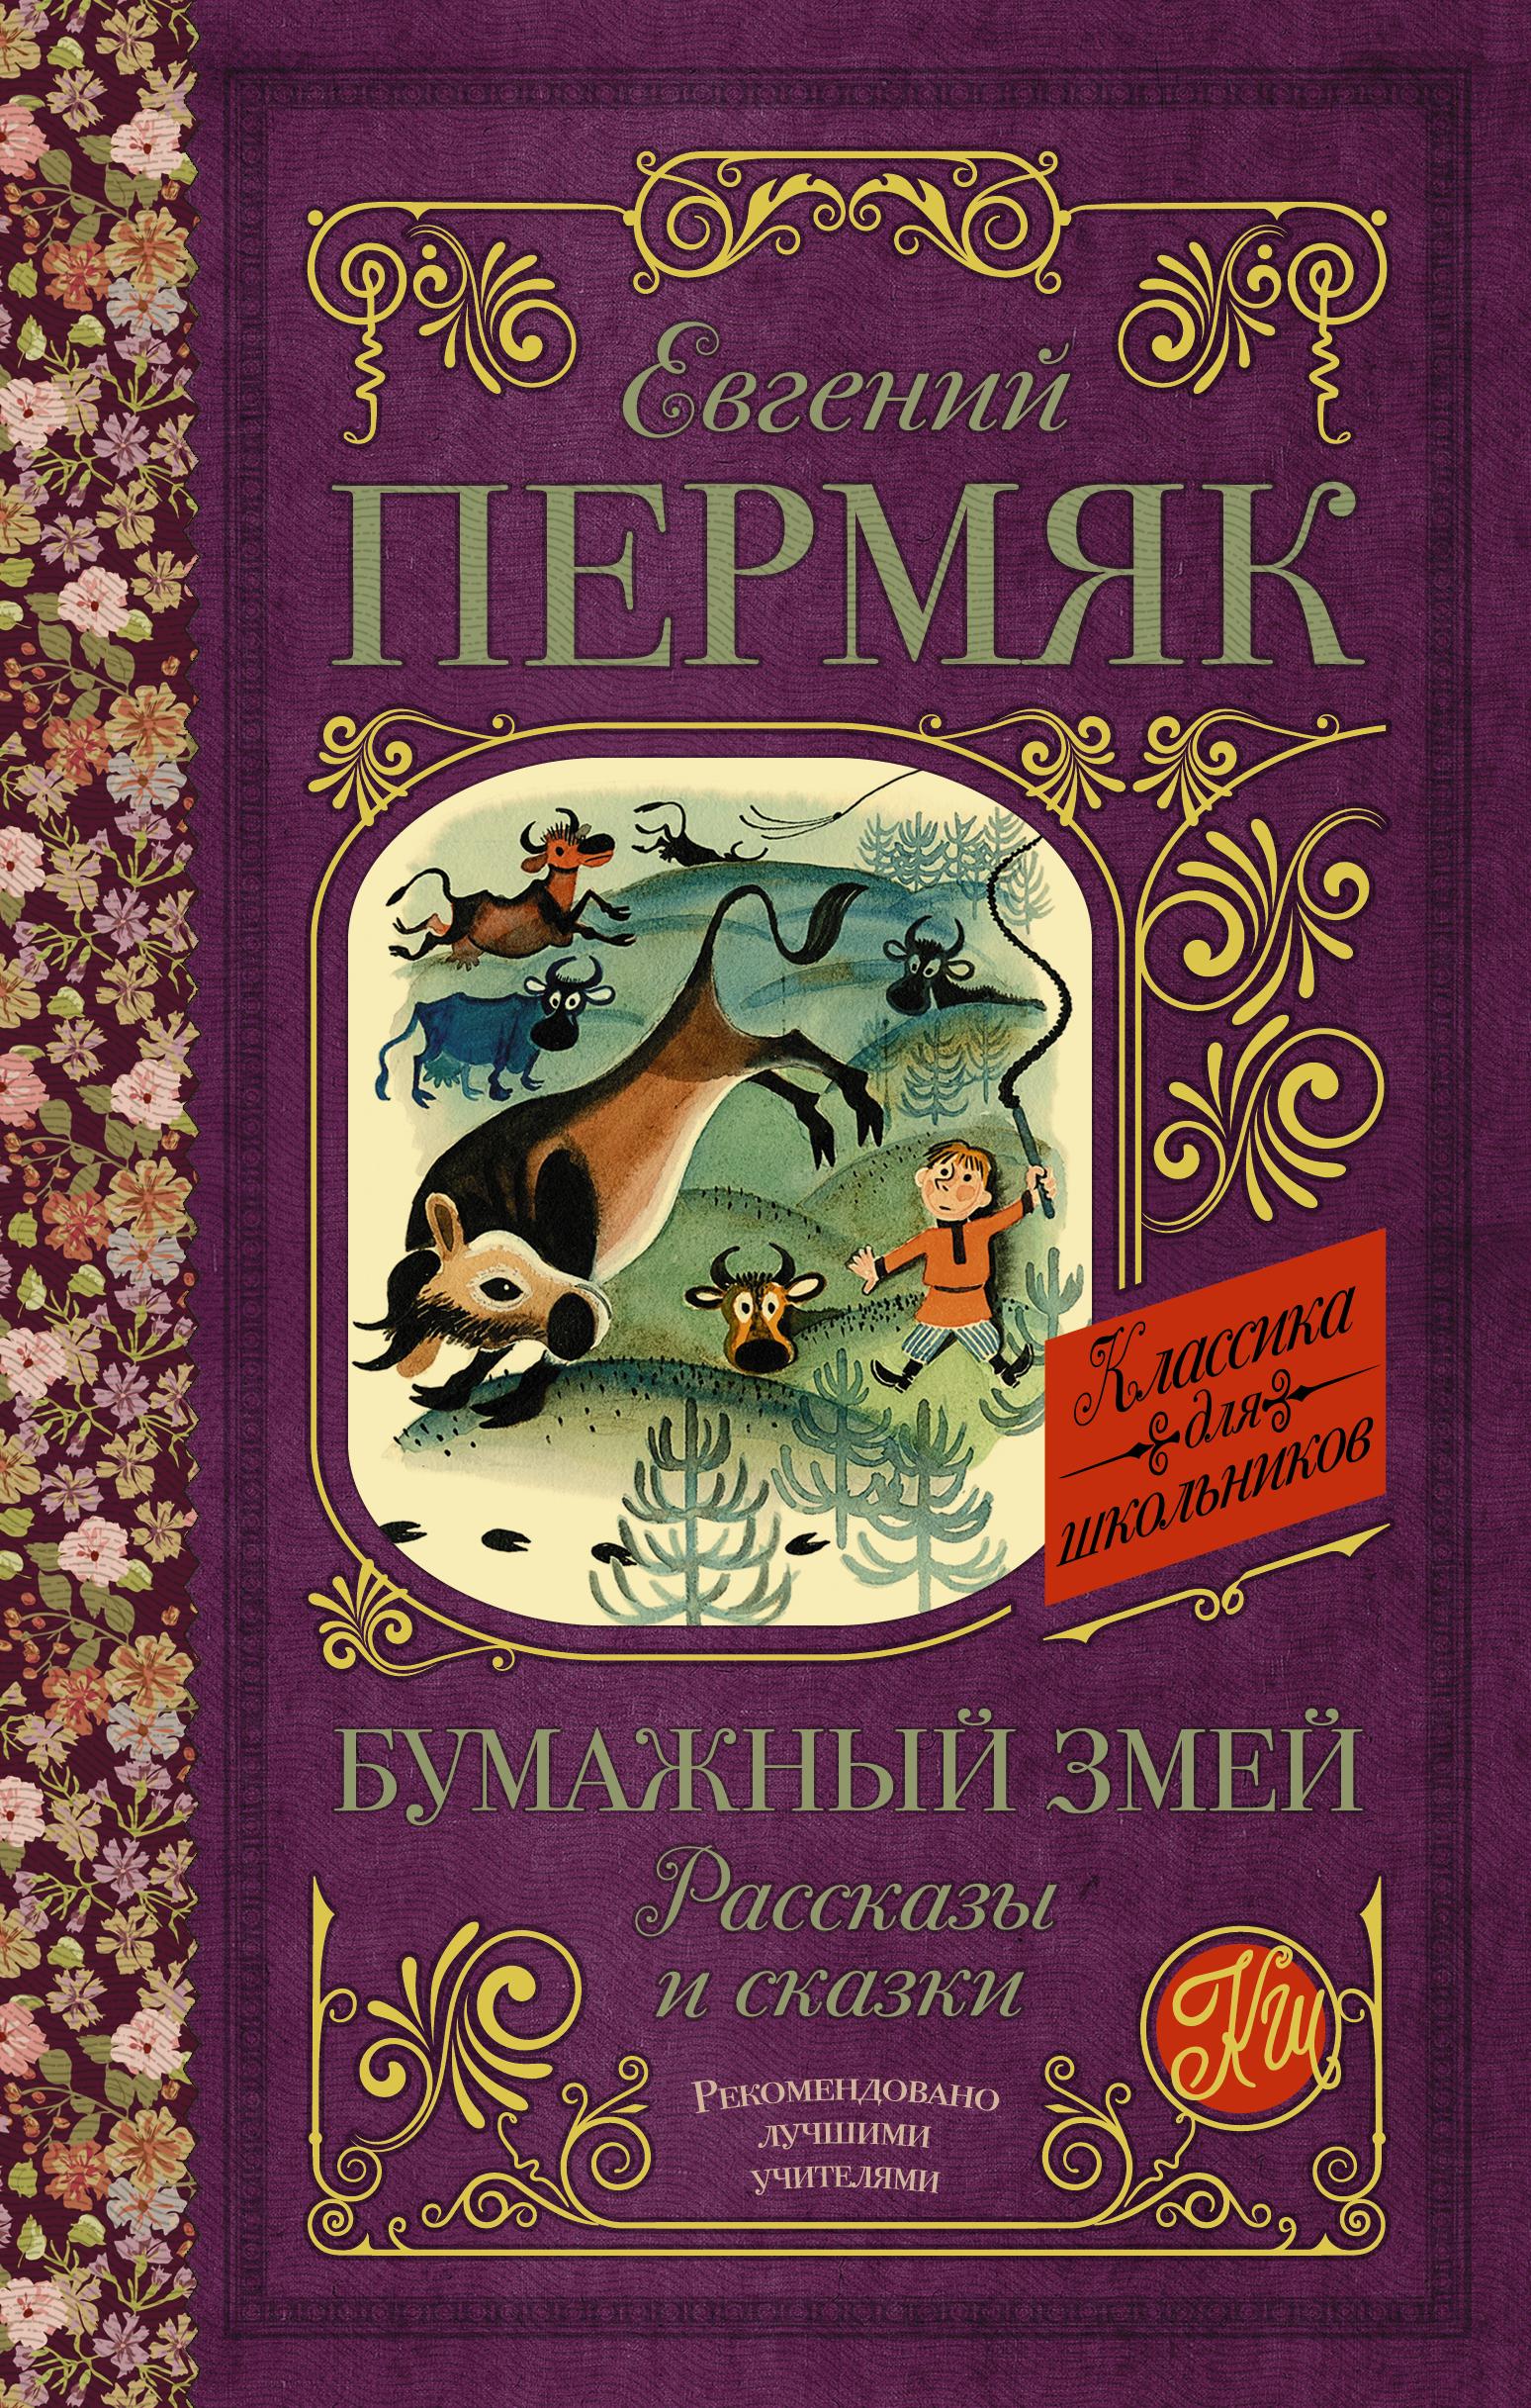 Евгений Пермяк Бумажный змей. Рассказы и сказки торопливый ножик